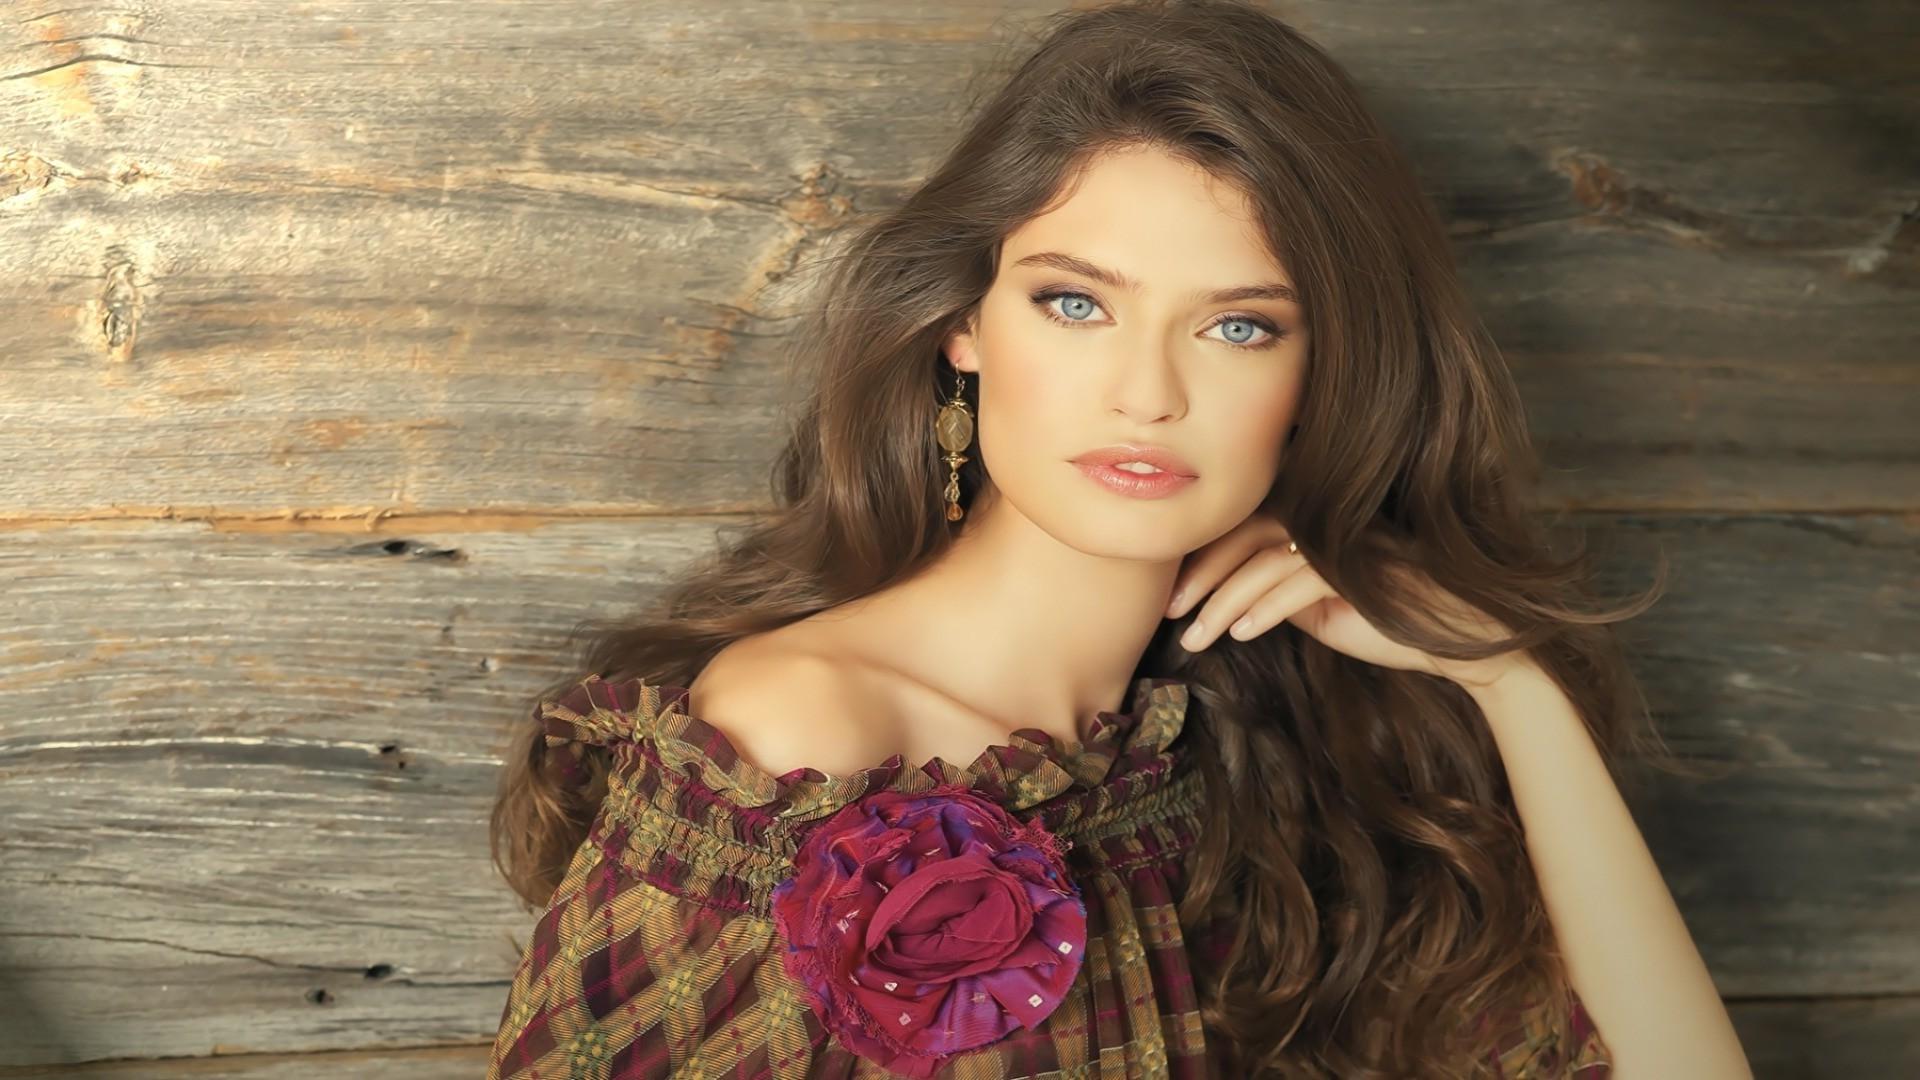 milanowek women K8 outlet 55 likes outlet dla kobiet oferujący ubrania znanych marek.